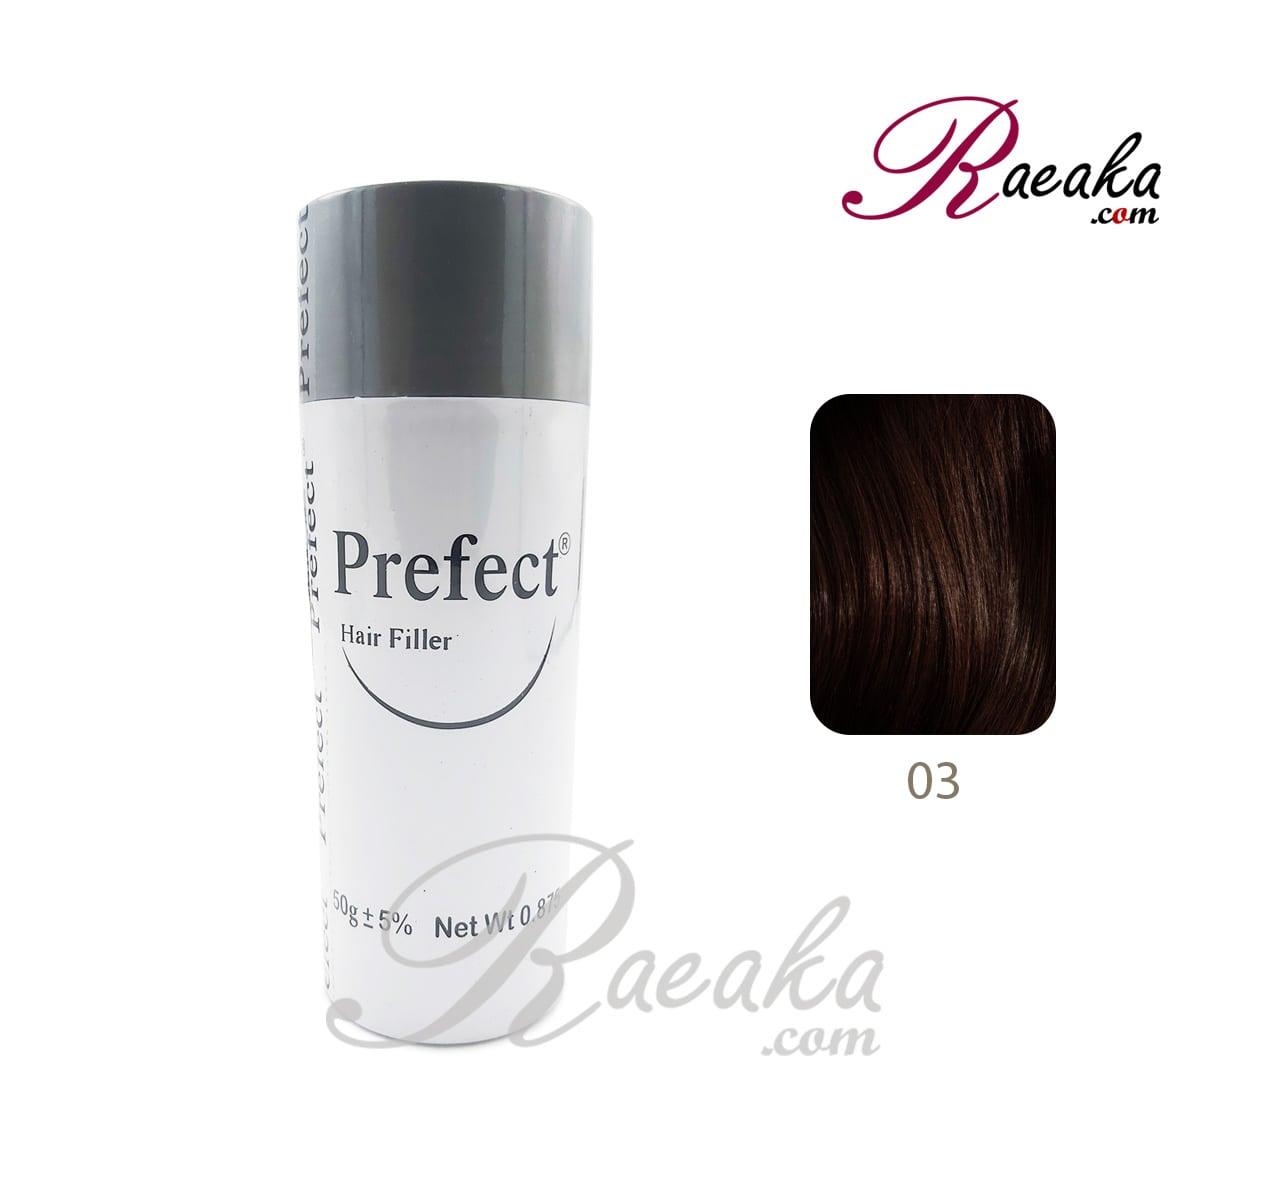 پودر پرپشت کننده مو پرفکت کد 03 - قهوه ای تیره (Dark Brown) وزن خالص 50 گرم